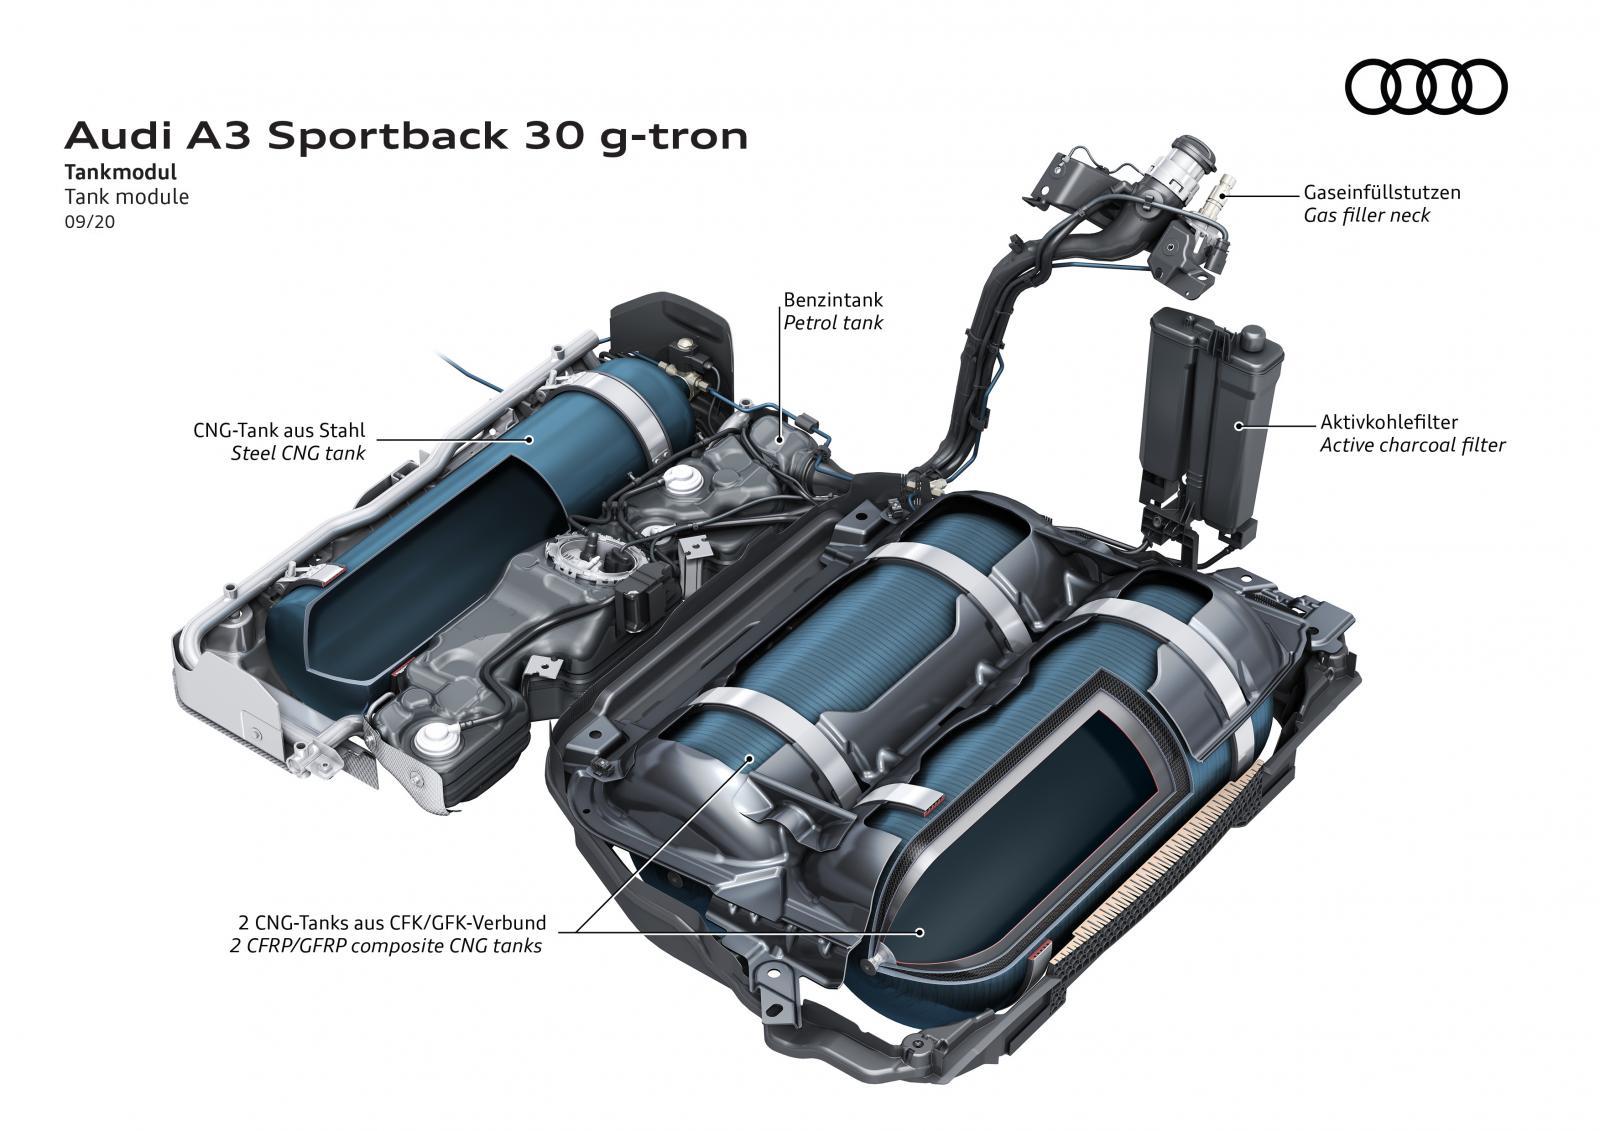 Premiär för Audi A3 30 g-tron – här är nya gasmodellen